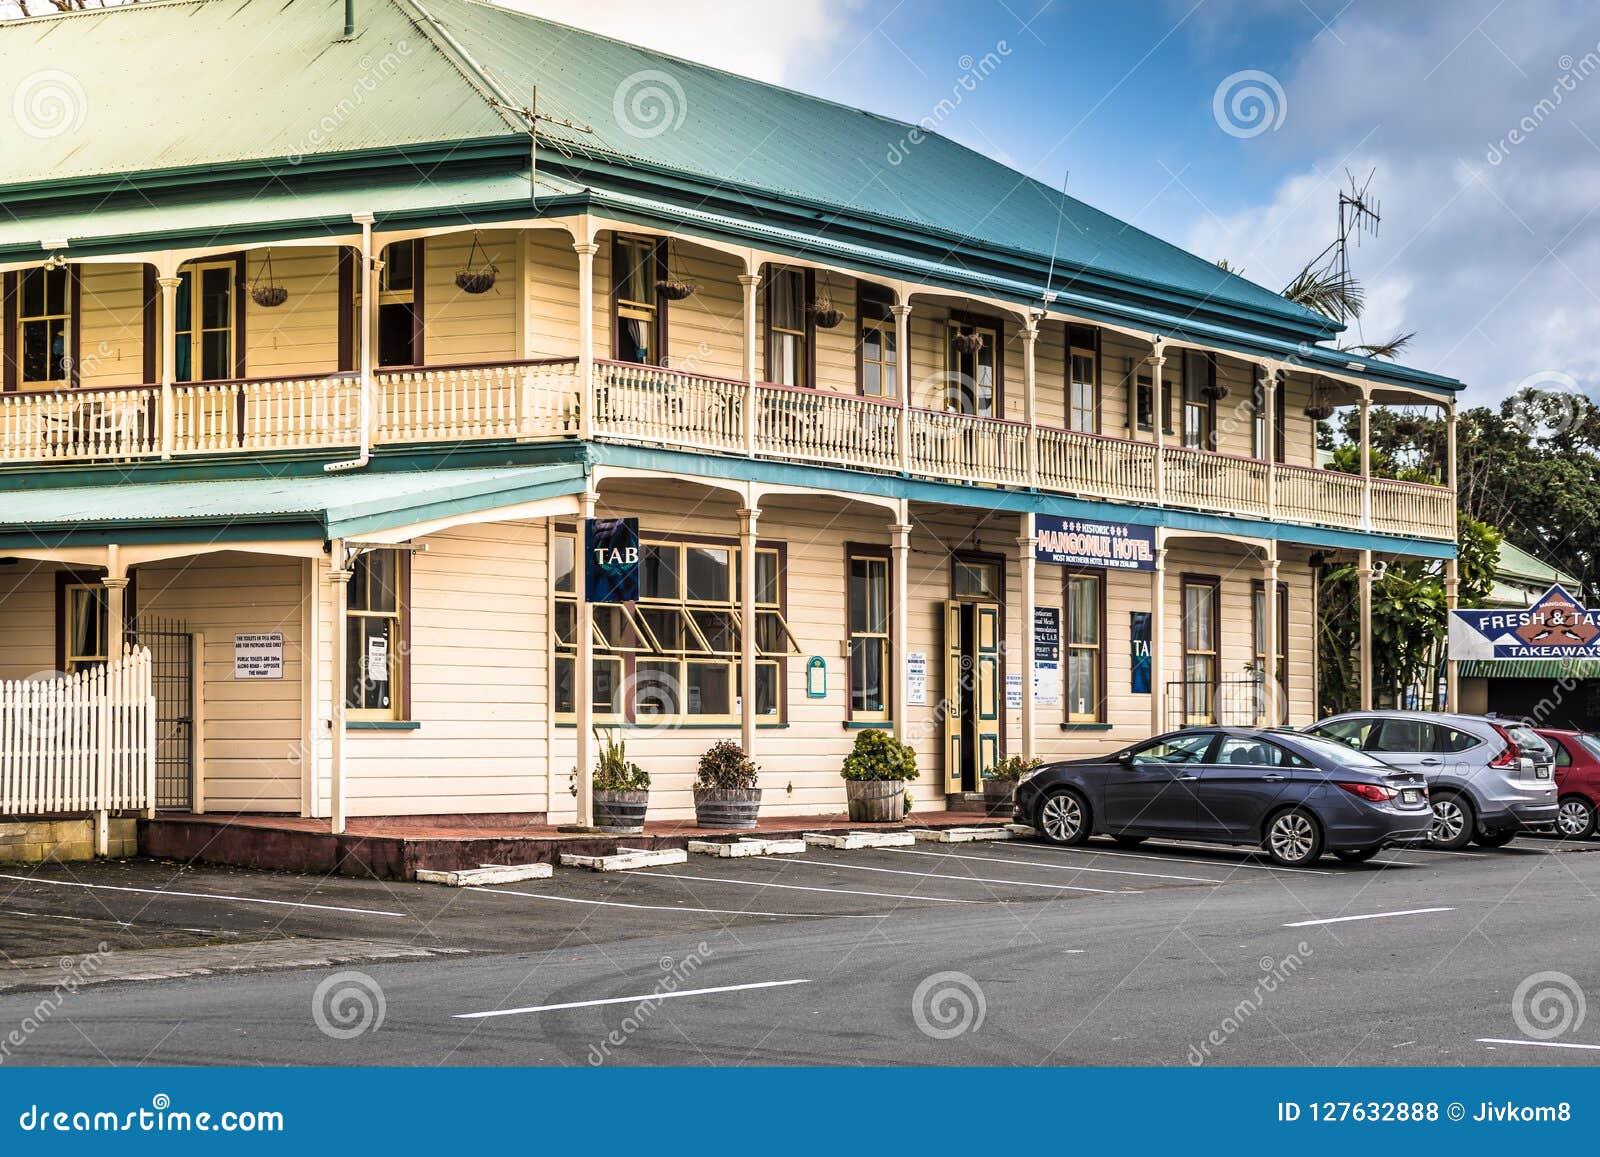 Mangonui Nya Zeeland - SEPTEMBER 2, 2018: HotellMangonui historisk byggnad Det har beskrivits som nya Zealands mest